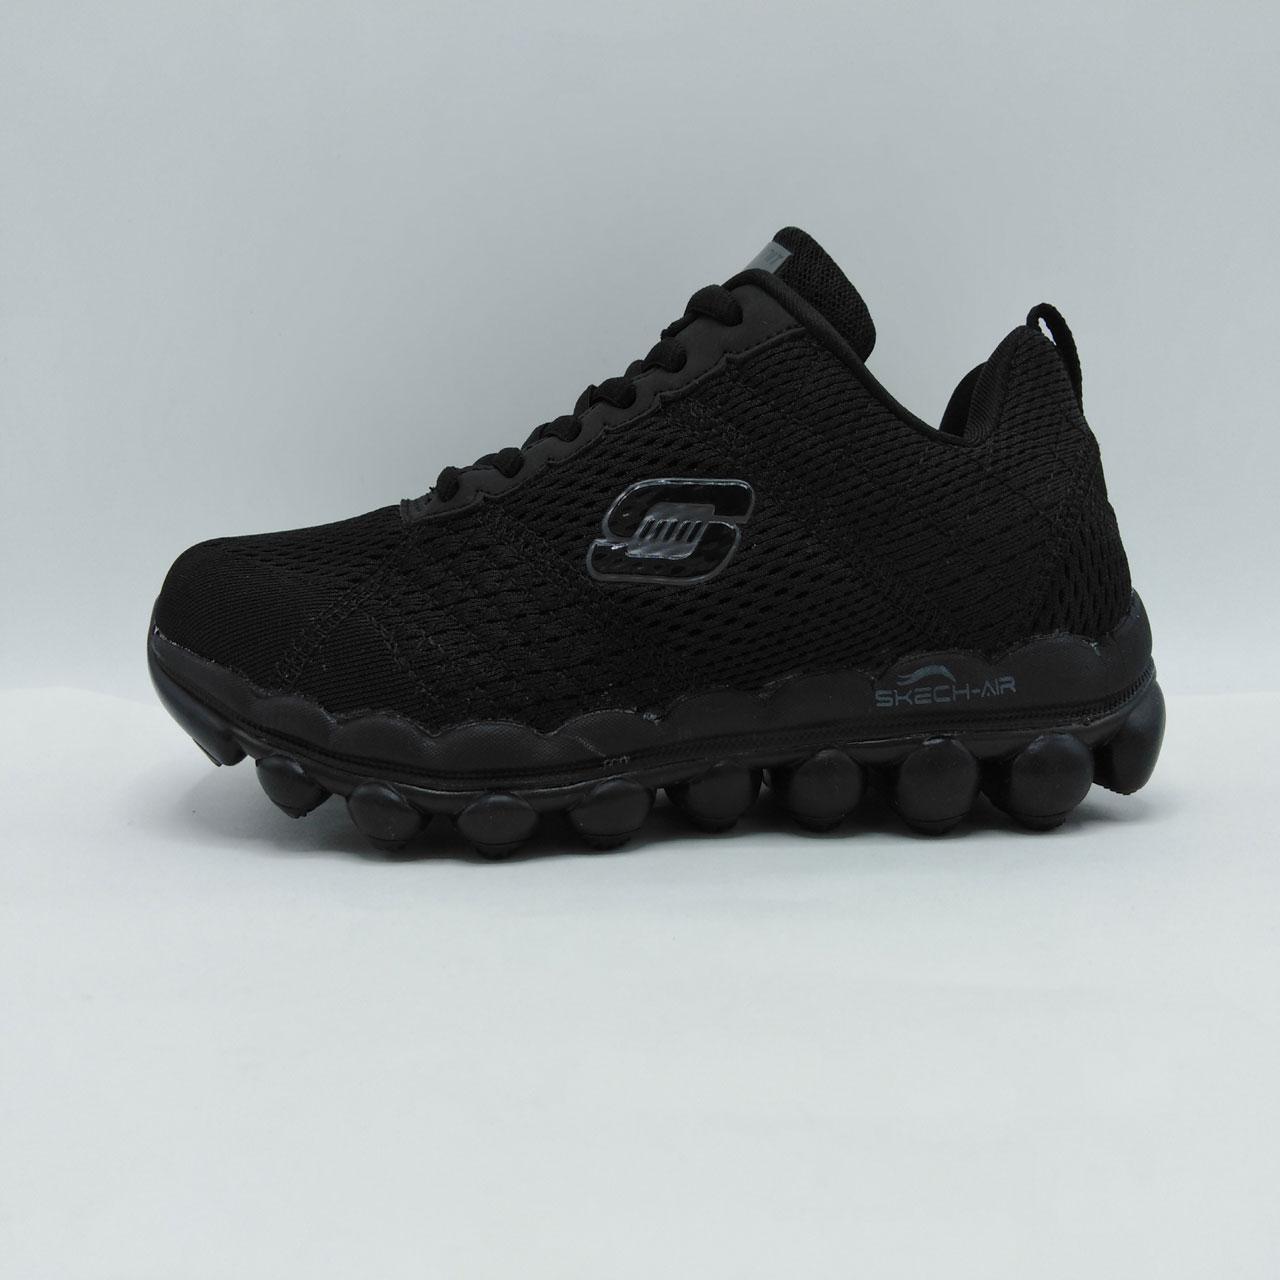 کفش مخصوص پیاده روی مردانه اسکچرزمدل skech Air 2.0